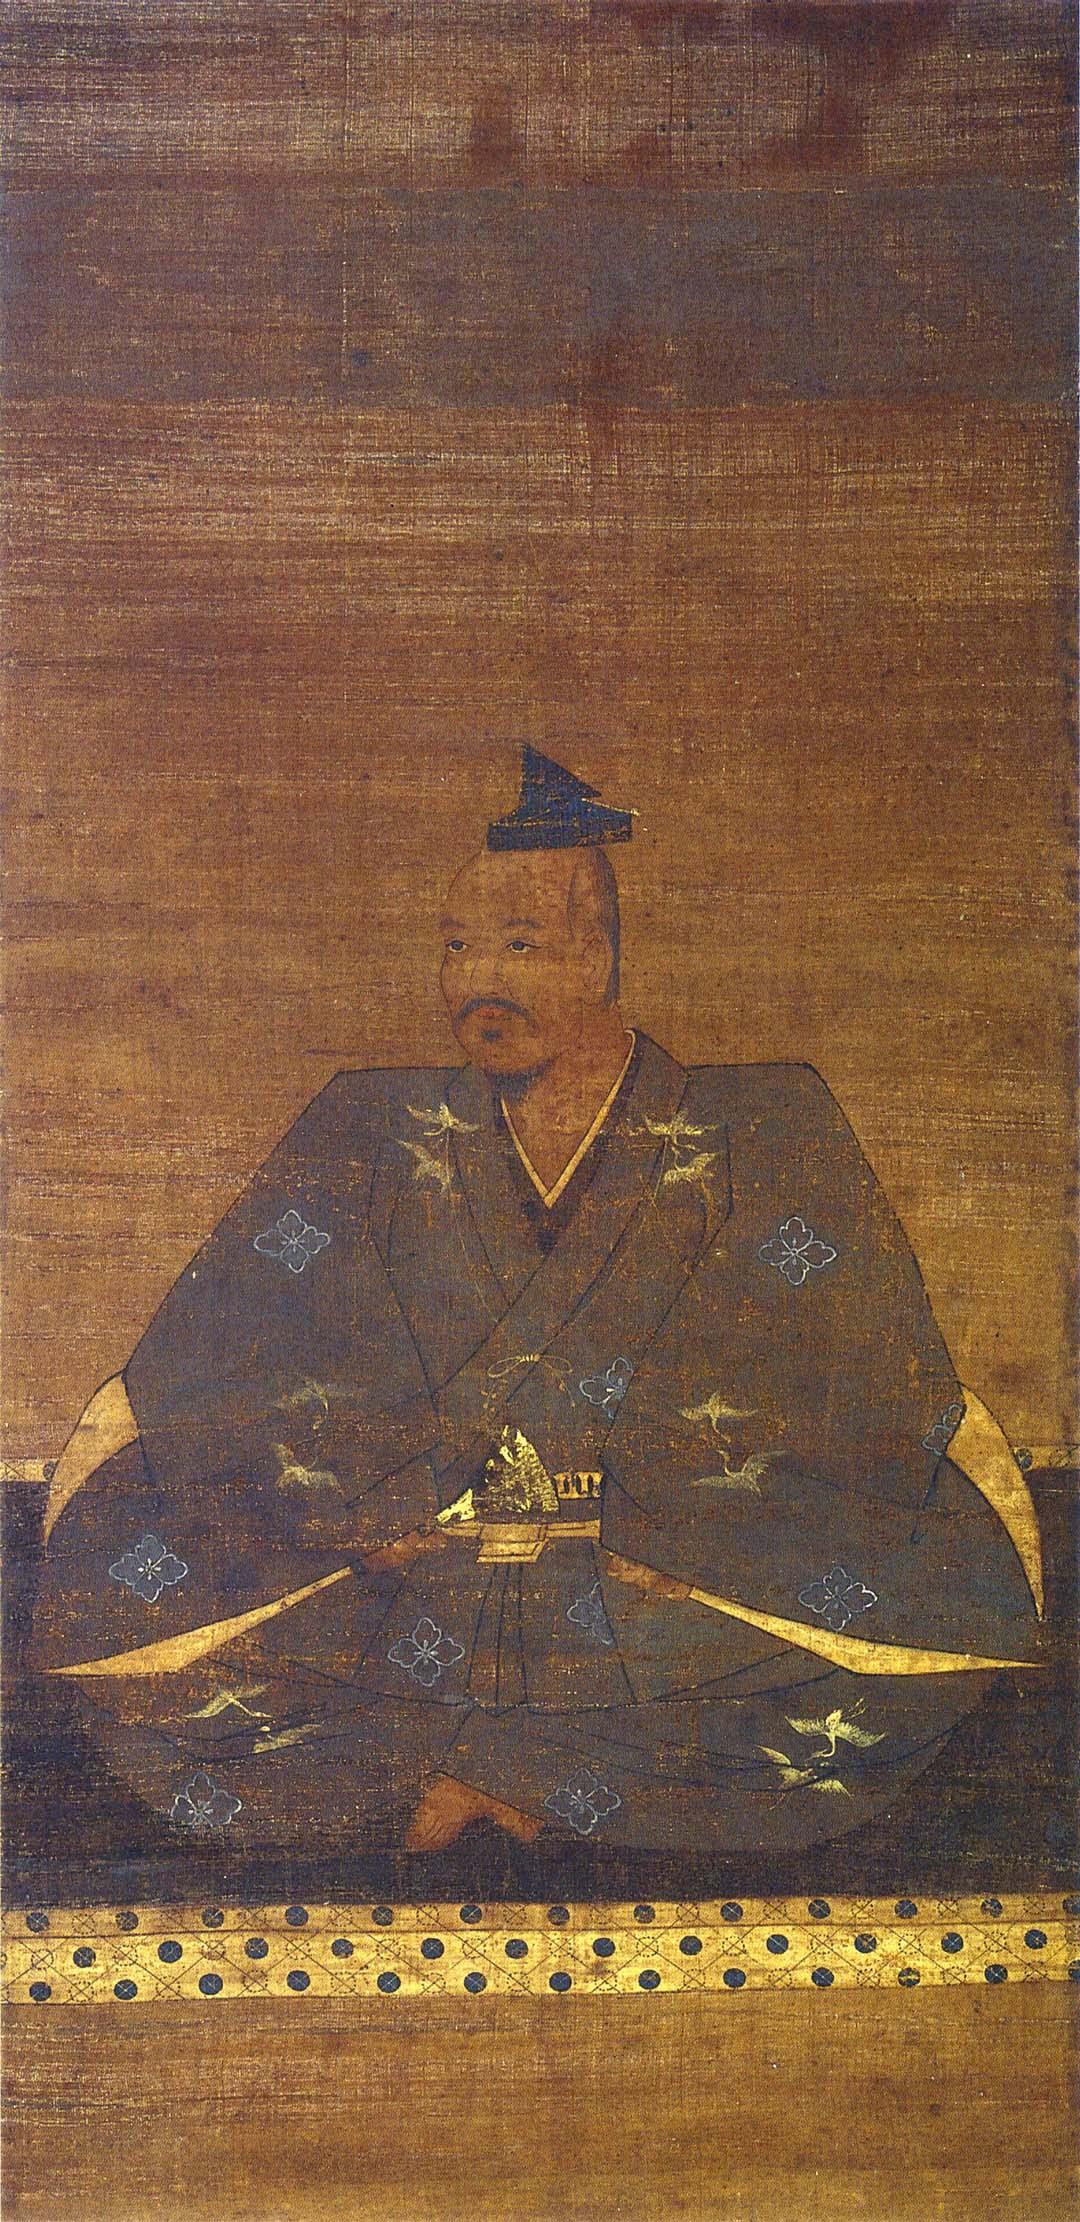 武田晴信像(高野山持明院蔵)